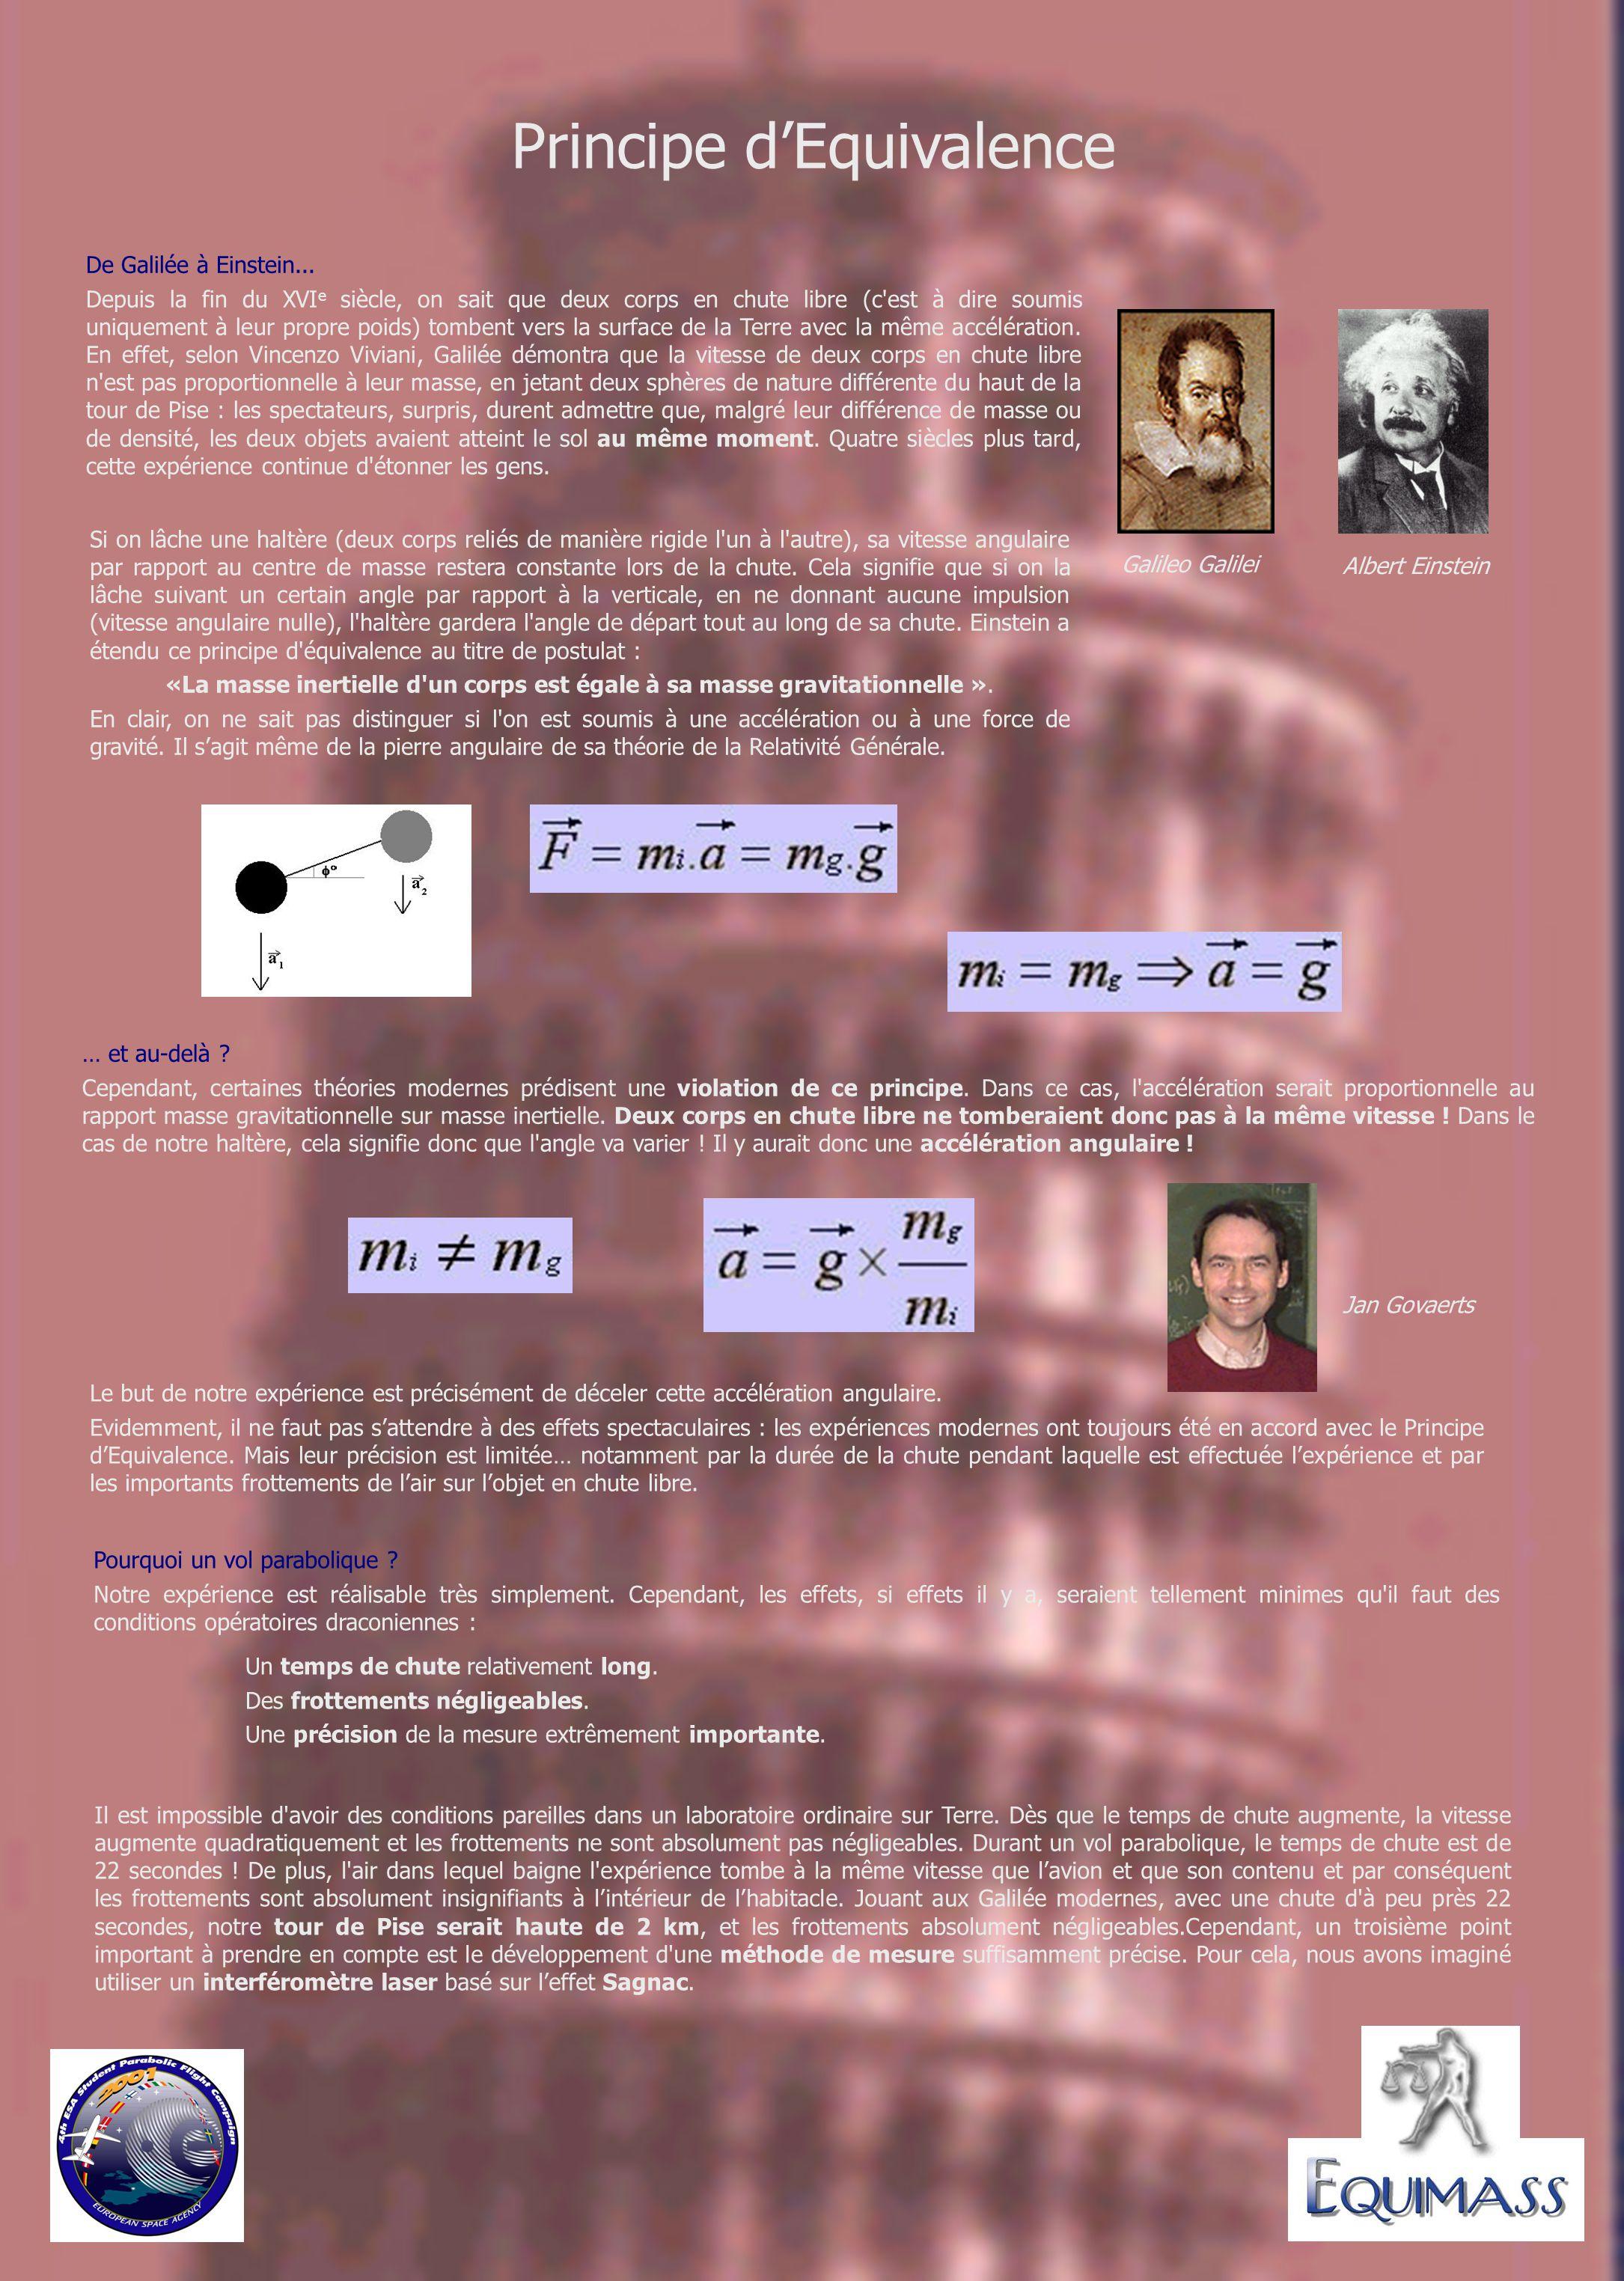 De Galilée à Einstein... Depuis la fin du XVI e siècle, on sait que deux corps en chute libre (c'est à dire soumis uniquement à leur propre poids) tom